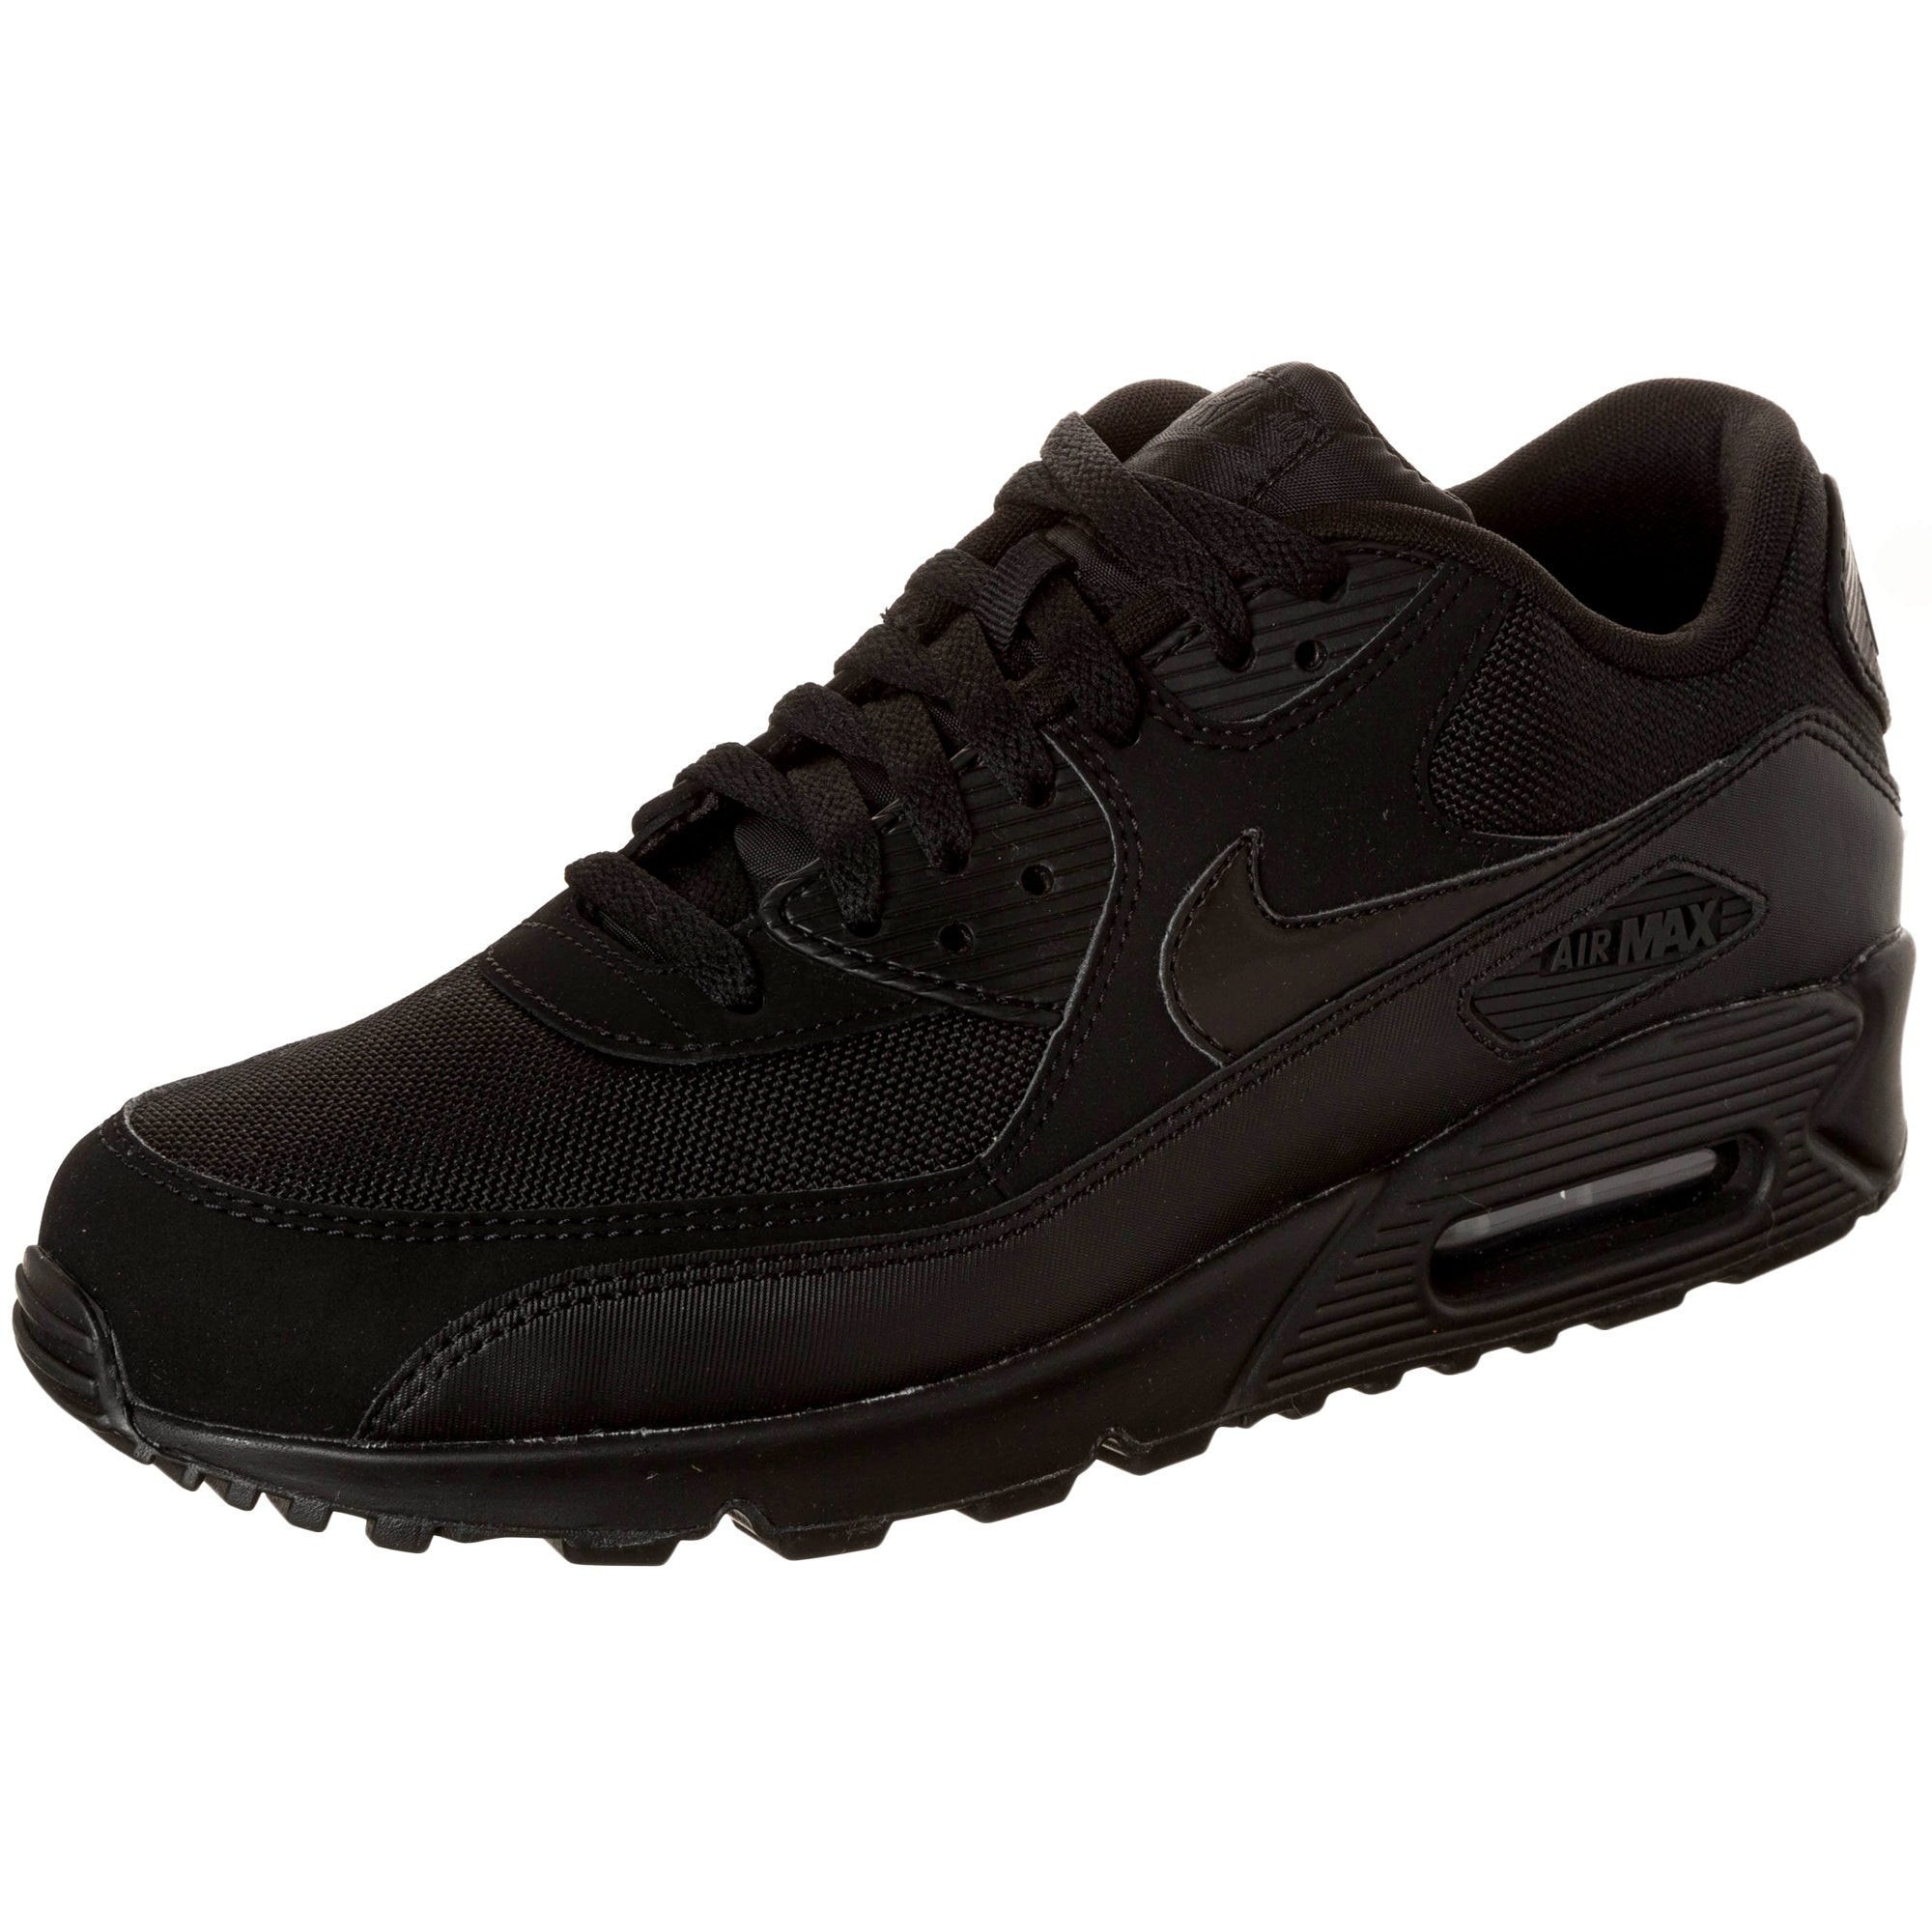 Nike Sportswear Sneaker Nike Air Max 90 Essential Sneaker Herren online kaufen | Gutes Preis Leistungs Verhältnis,